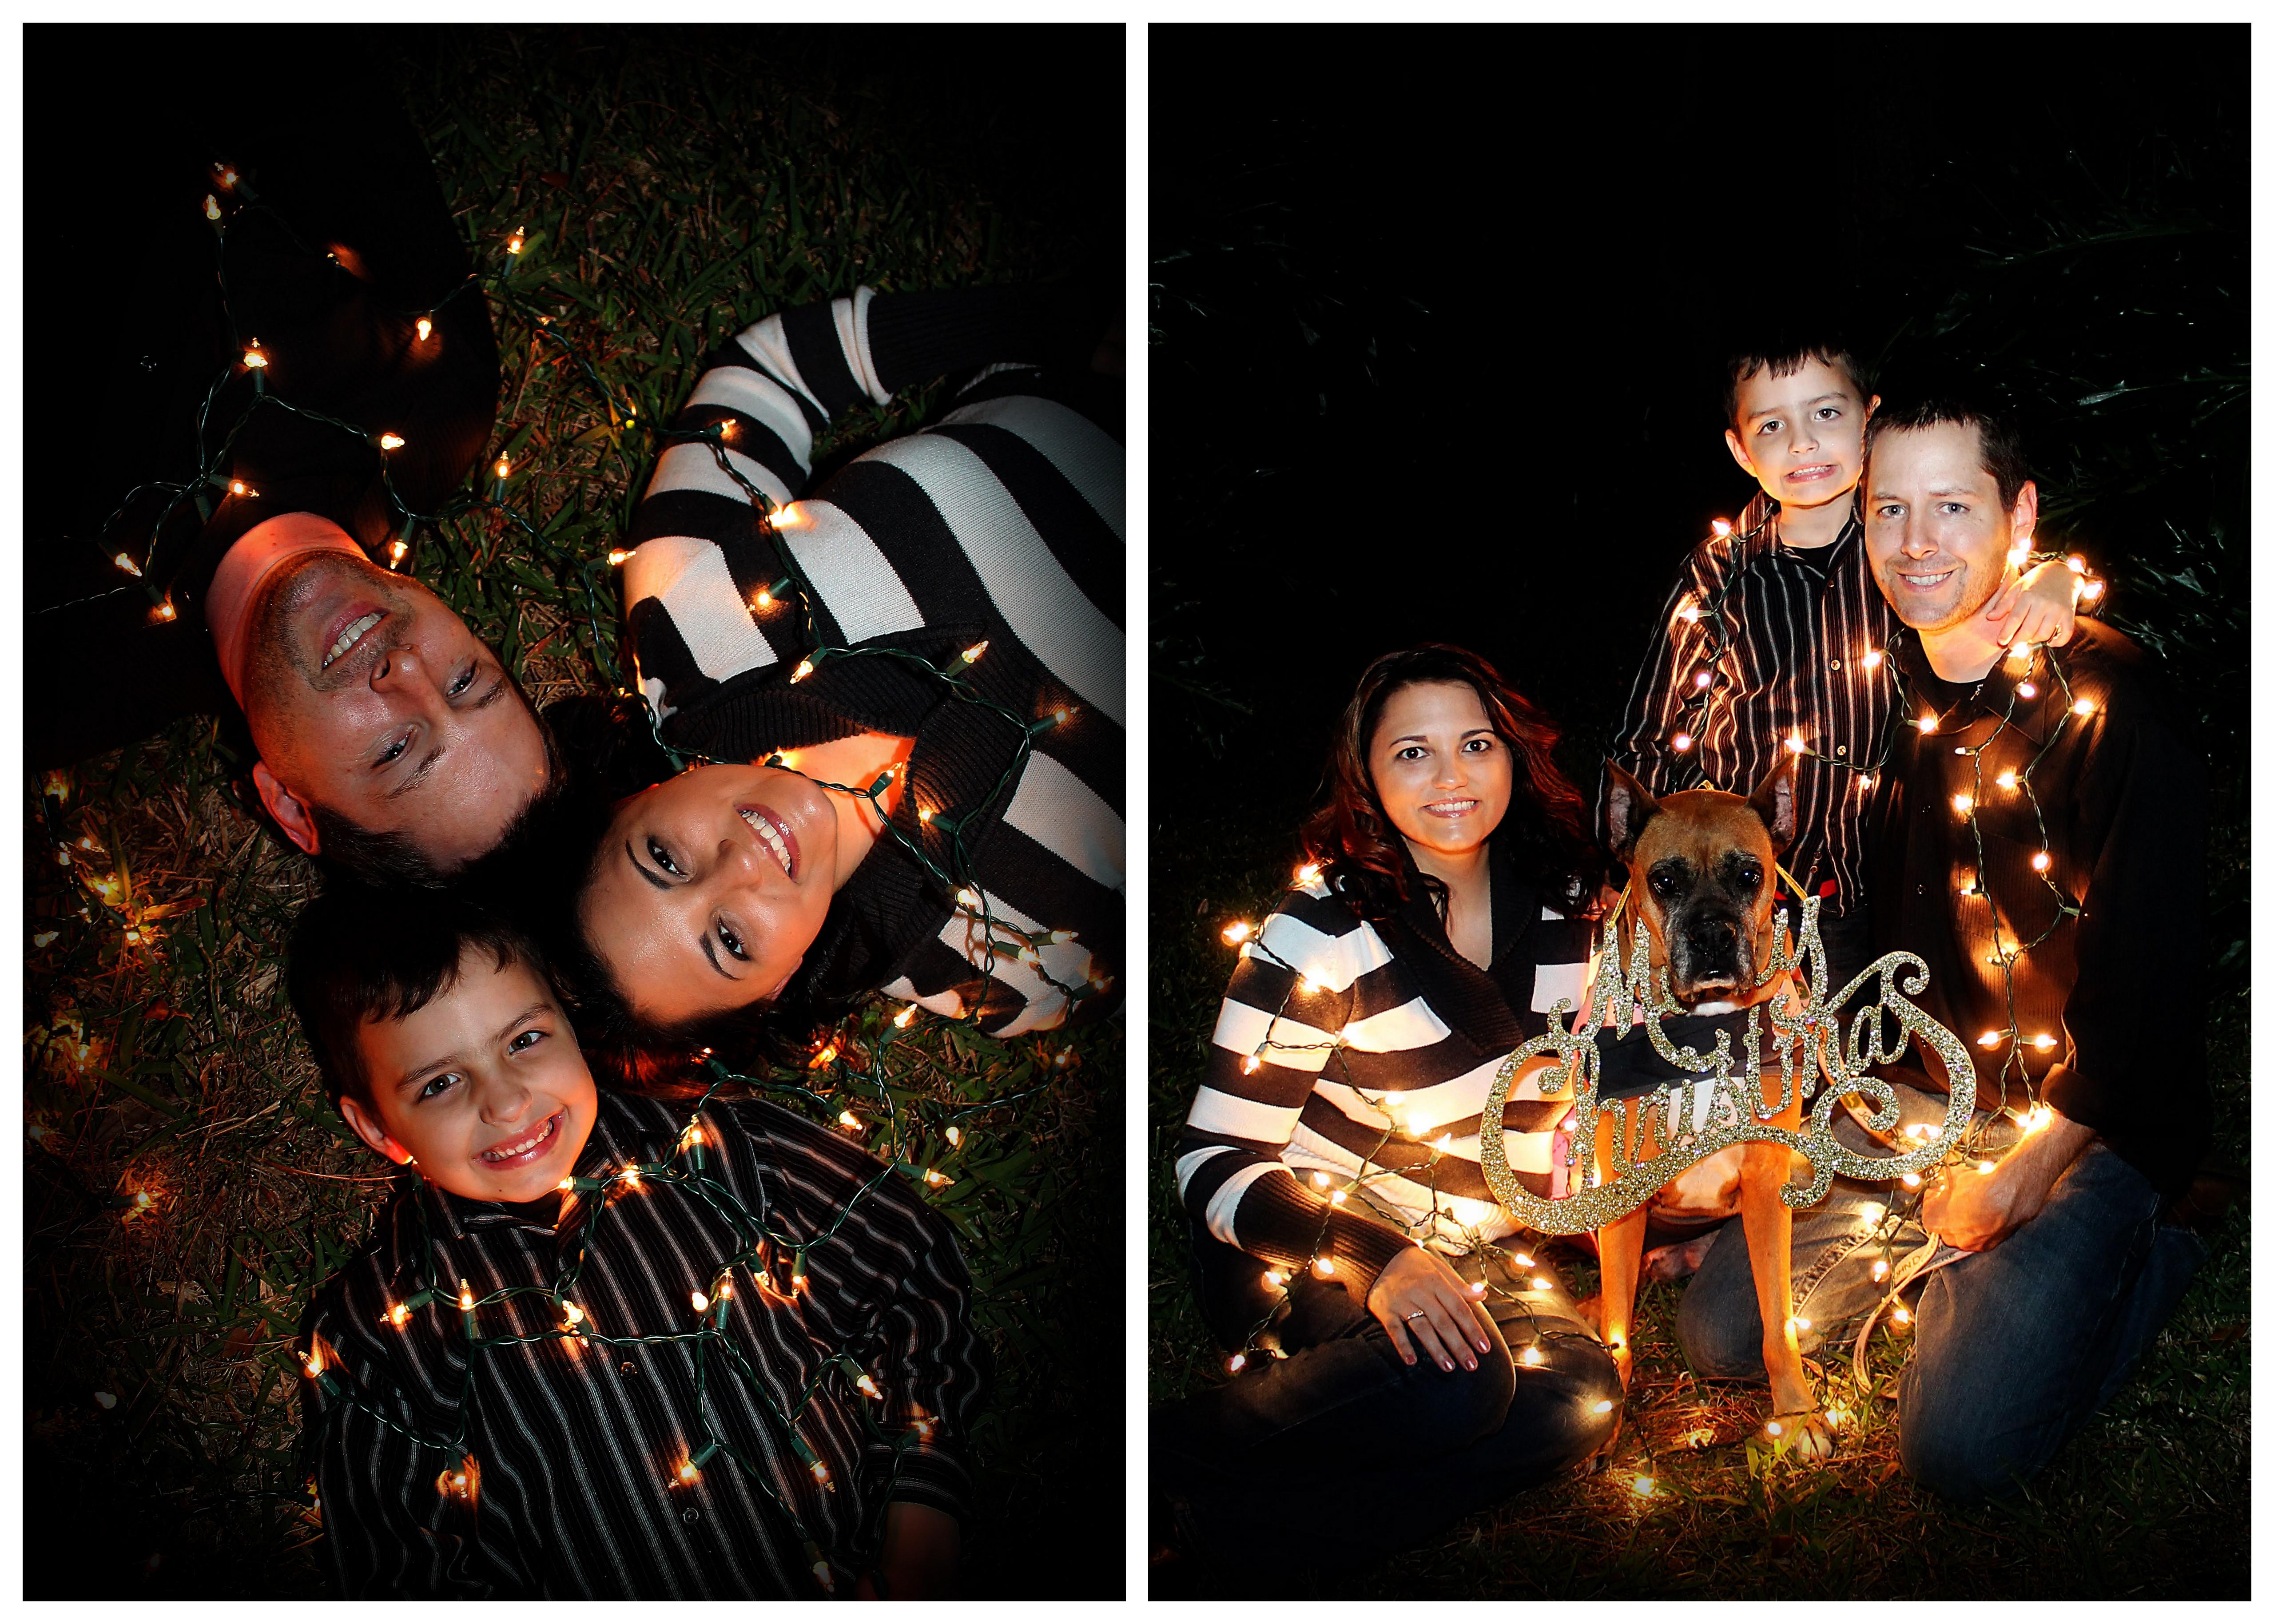 Lisa+Family+Session.jpg